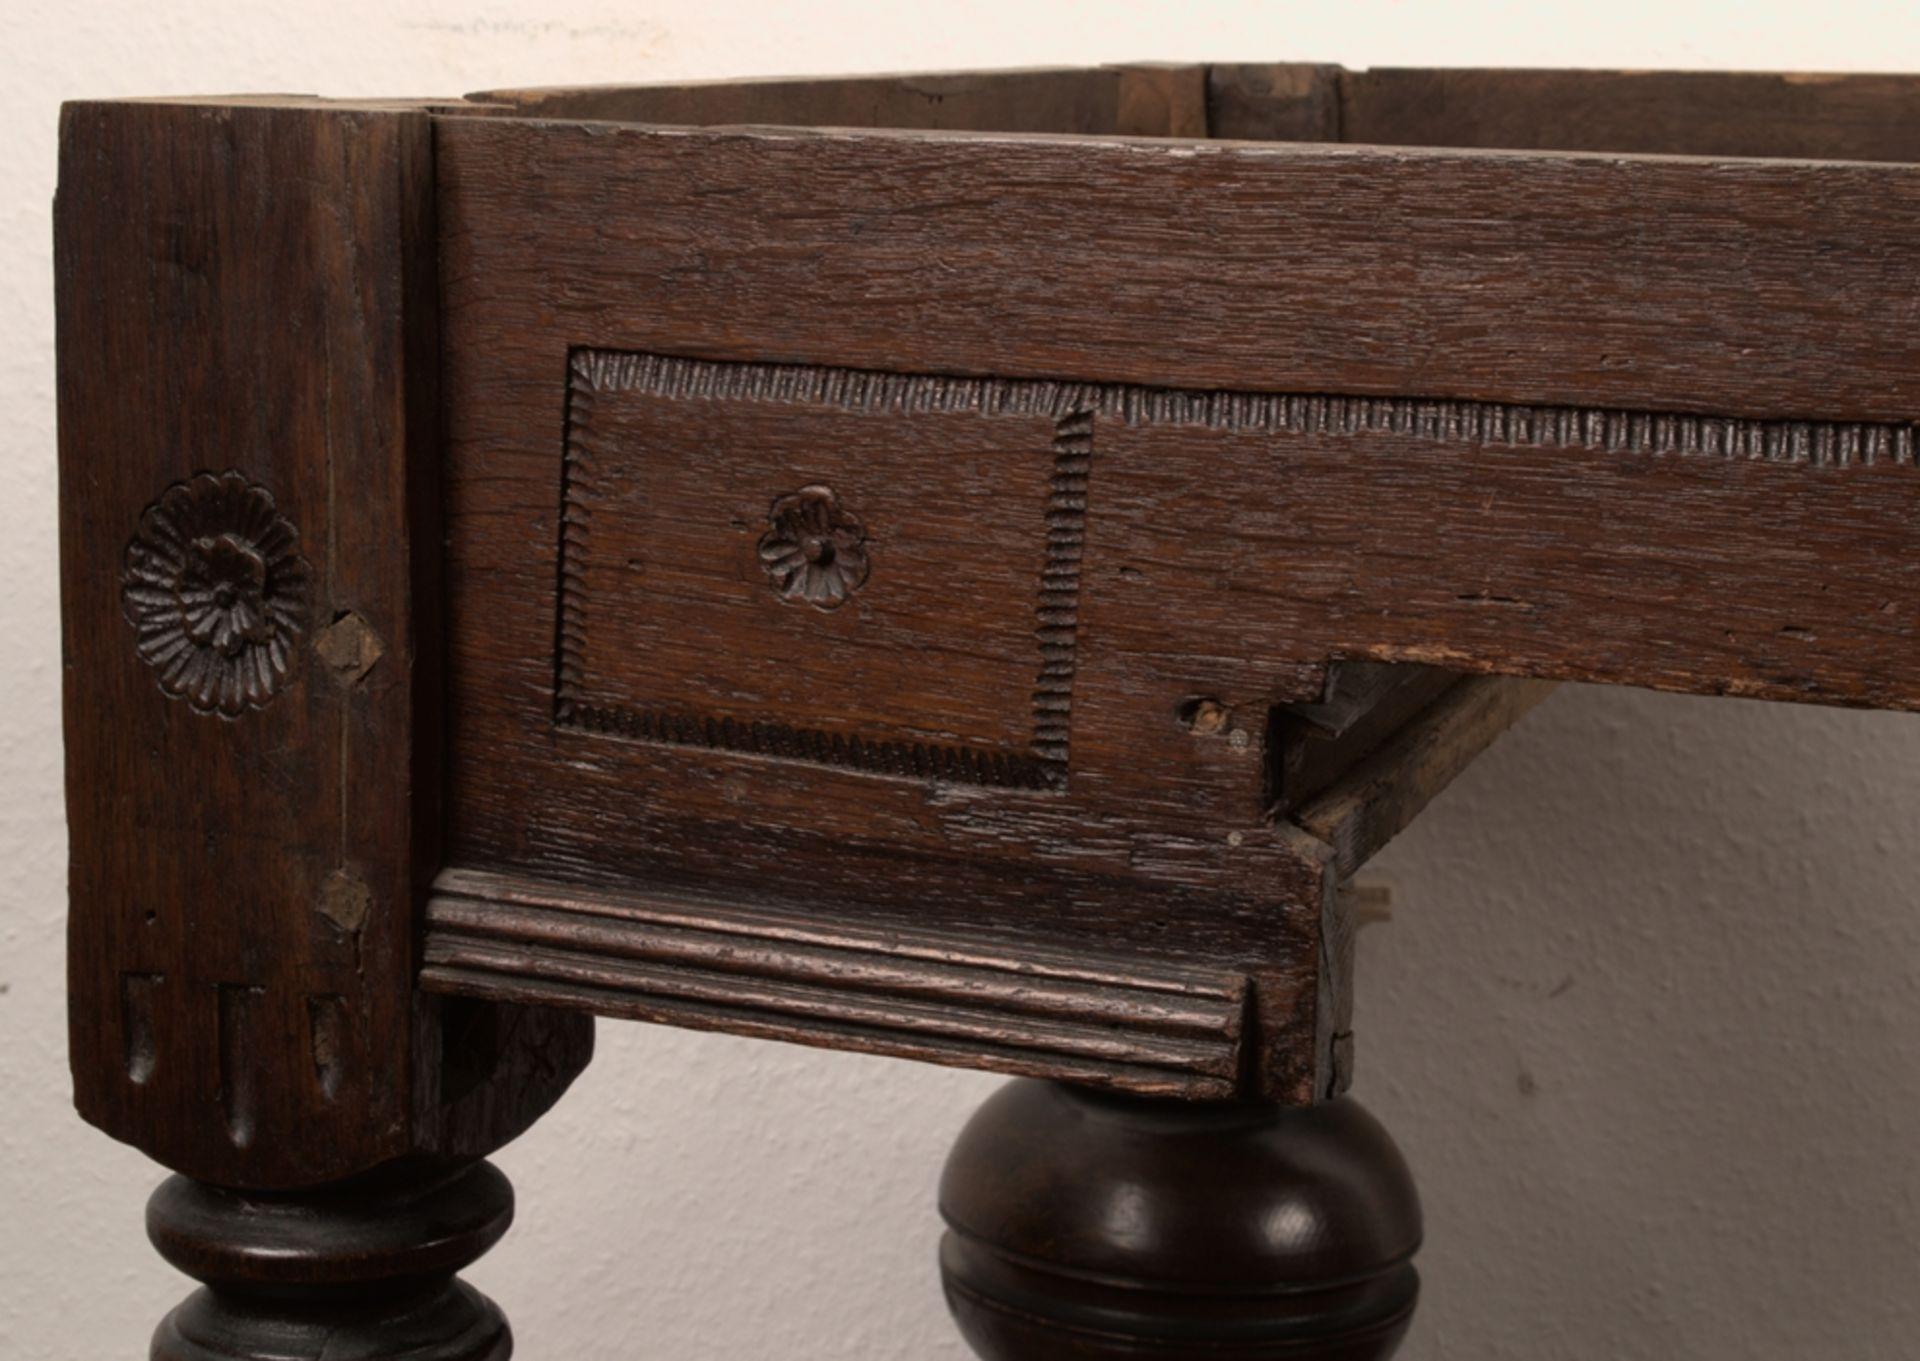 Großer Auszugstisch, Franken um 1730/50. Querverstrebter Tischunterbau mit kräftigen Balusterbeinen, - Bild 6 aus 36